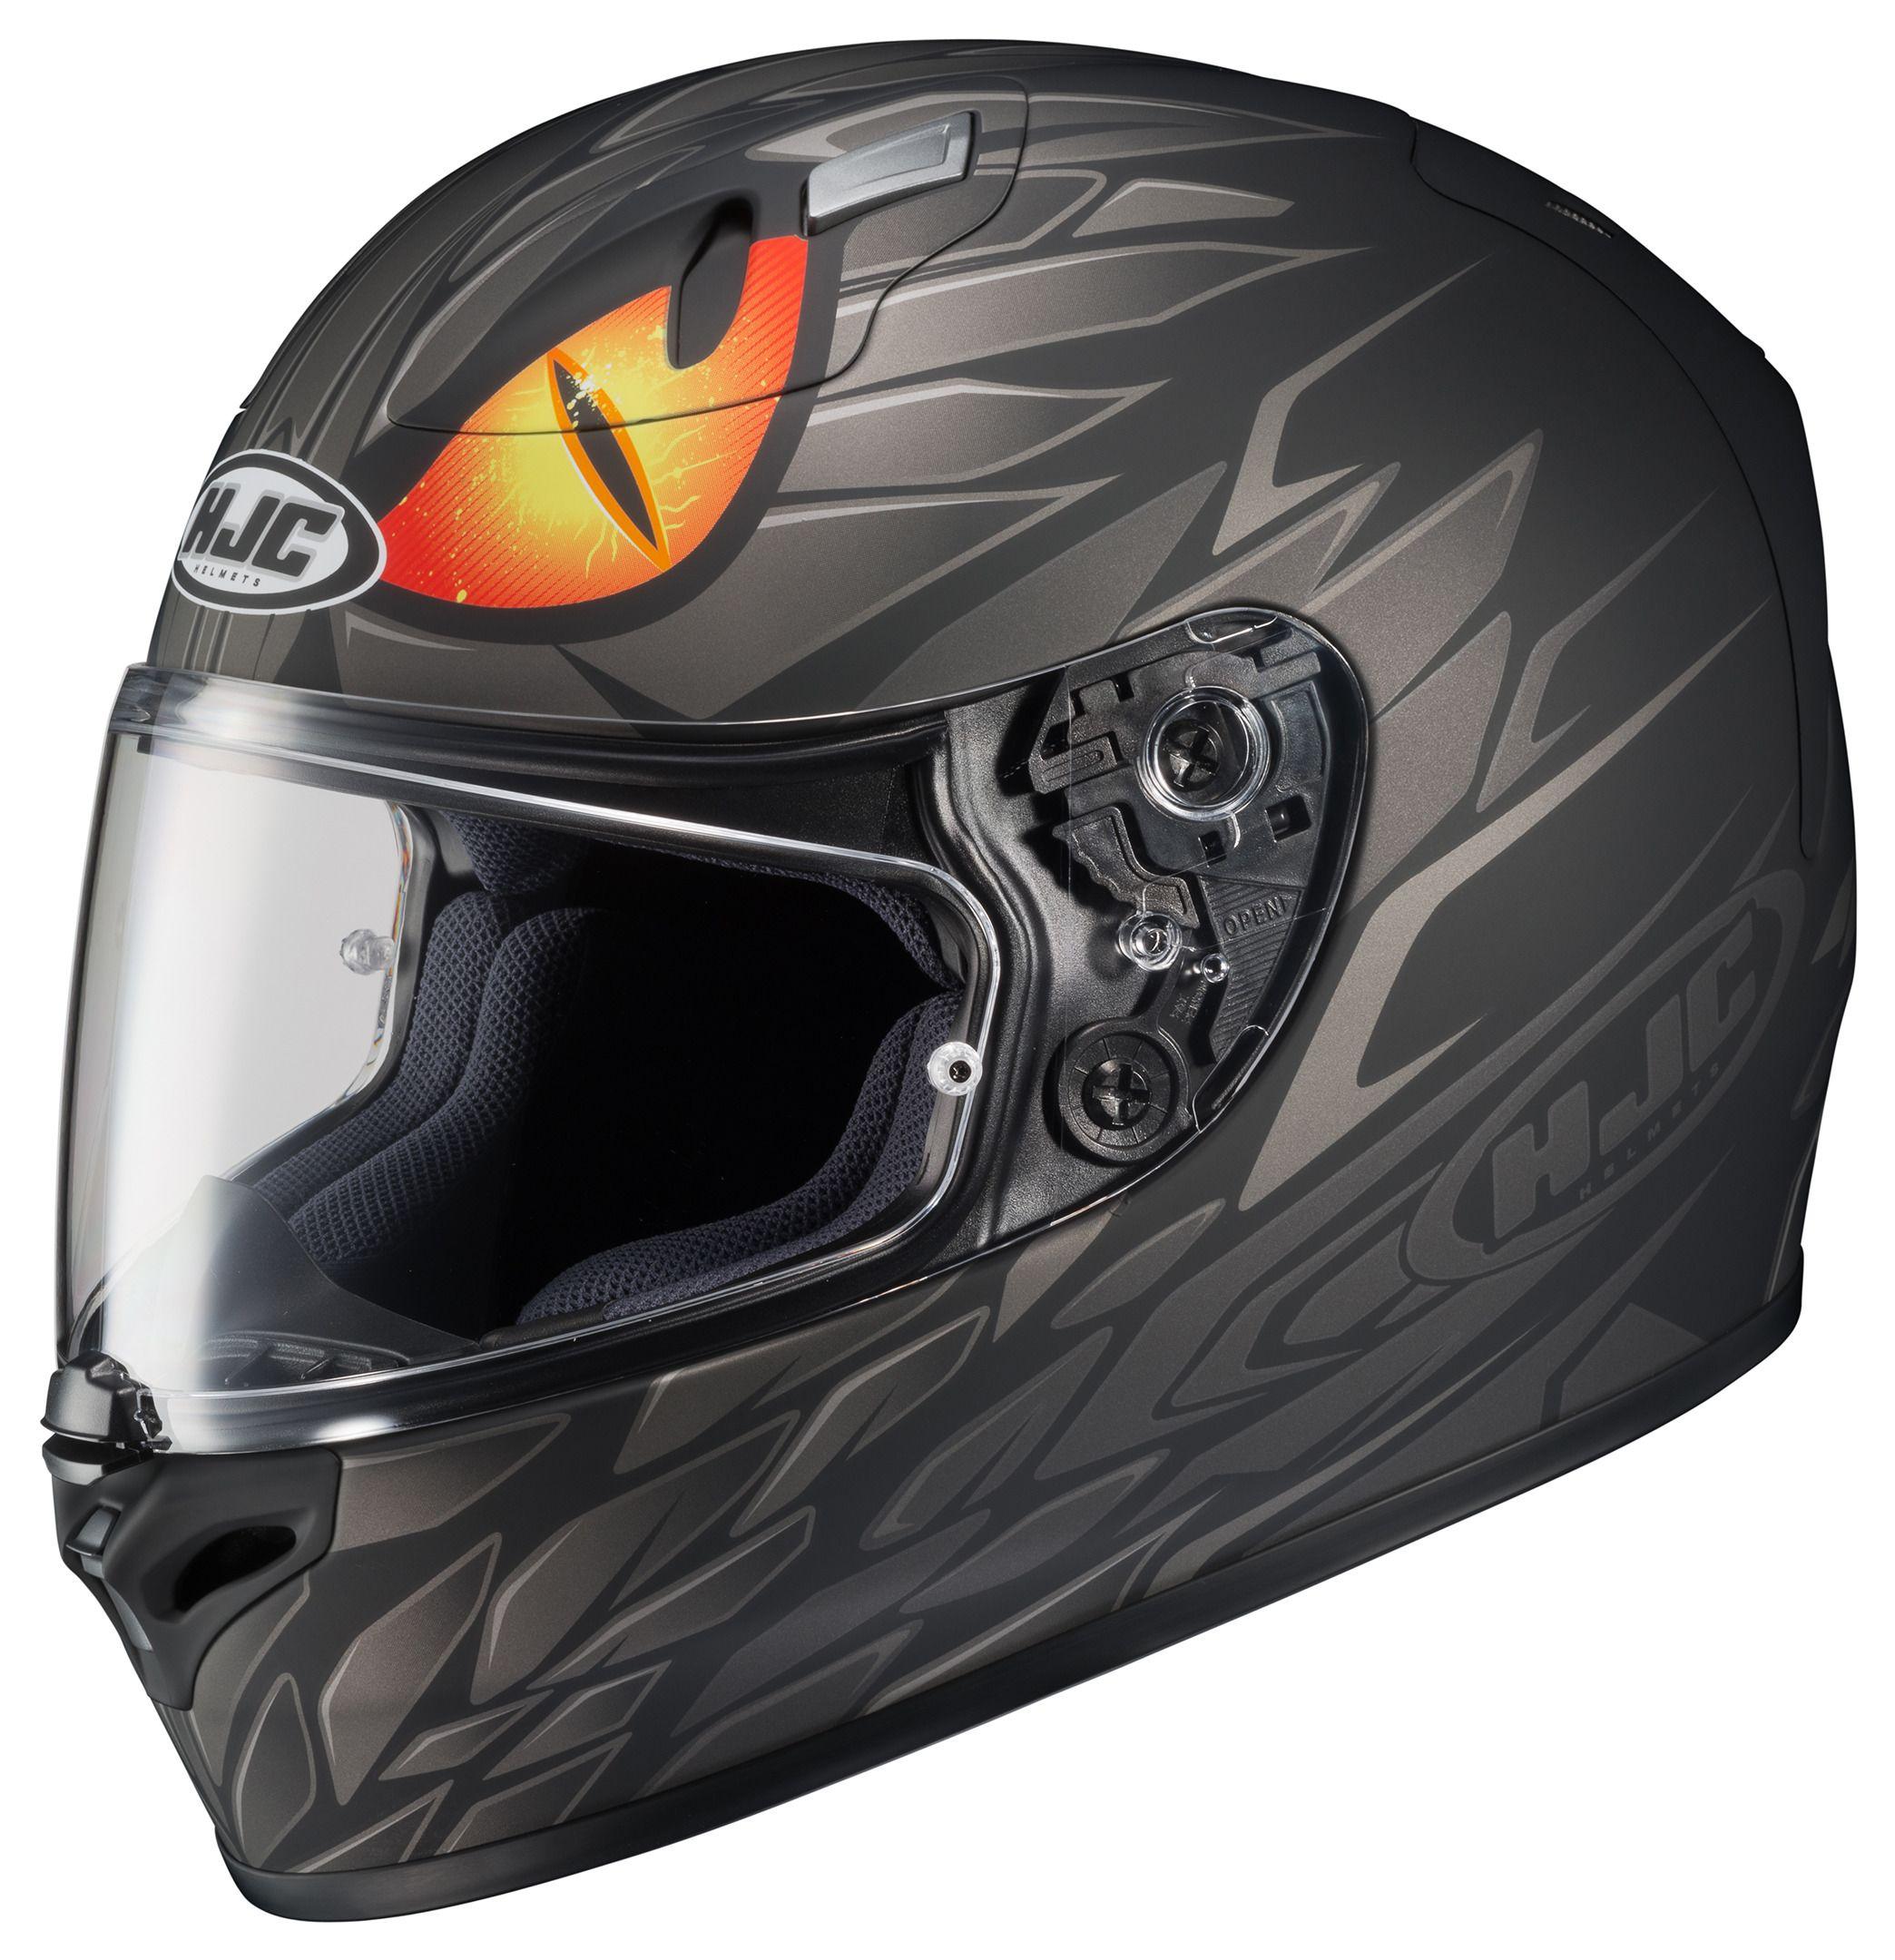 Hjc Fg 17 >> HJC FG-17 Lorenzo Mamba Helmet [Size XL Only] - RevZilla